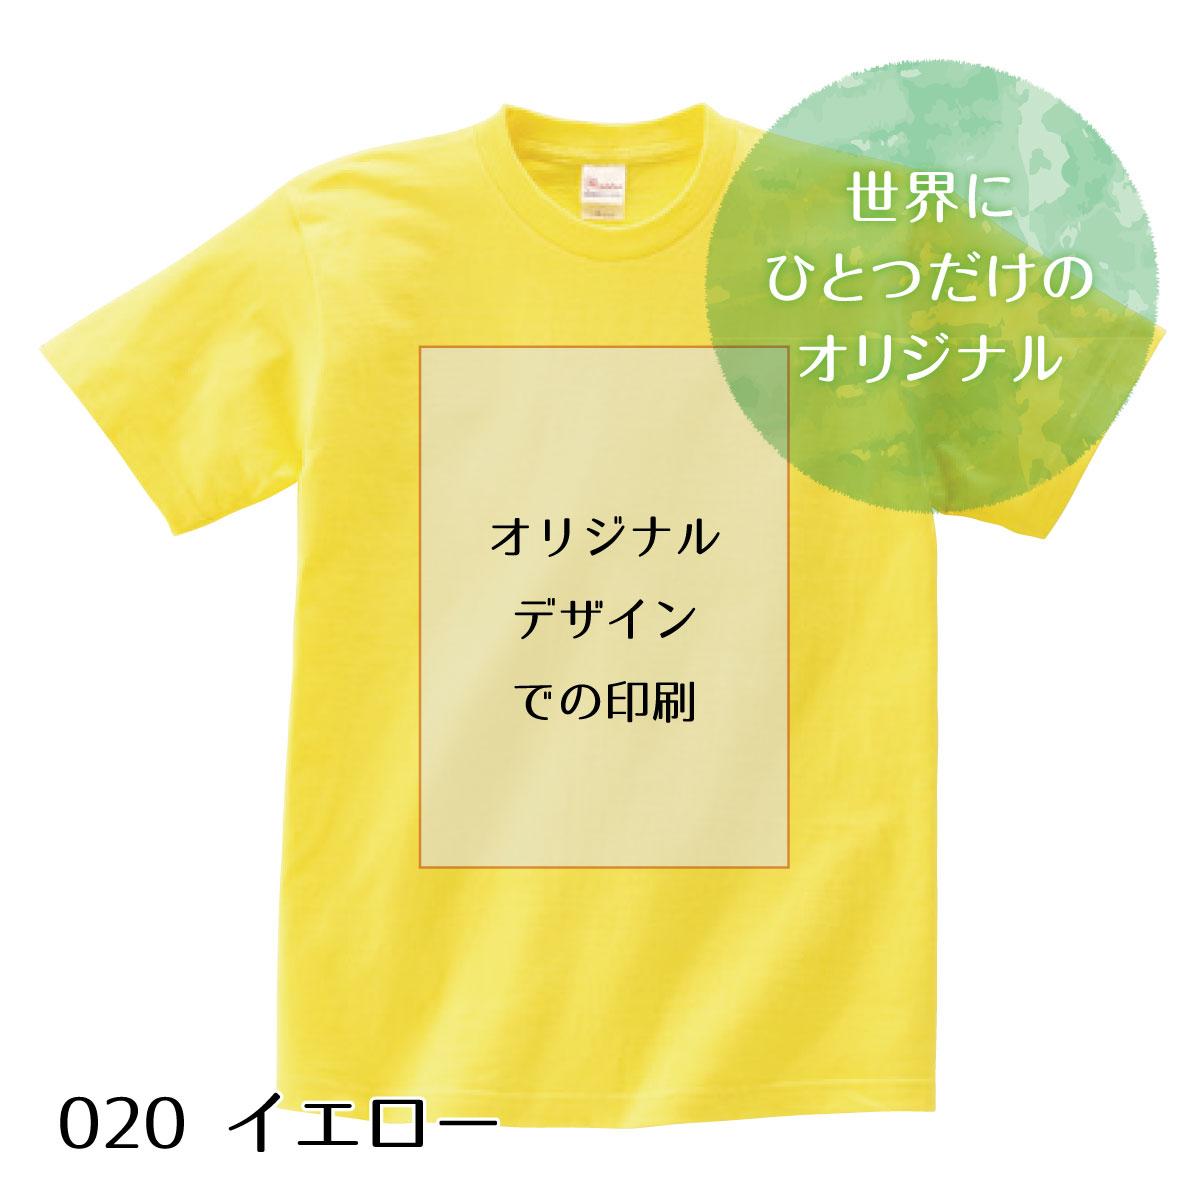 ネットでオリジナルデザインが簡単にできます! すぐあいたい工房オリジナルTシャツ (キッズサイズ/ イエロー) お好きなデザインで制作いたします